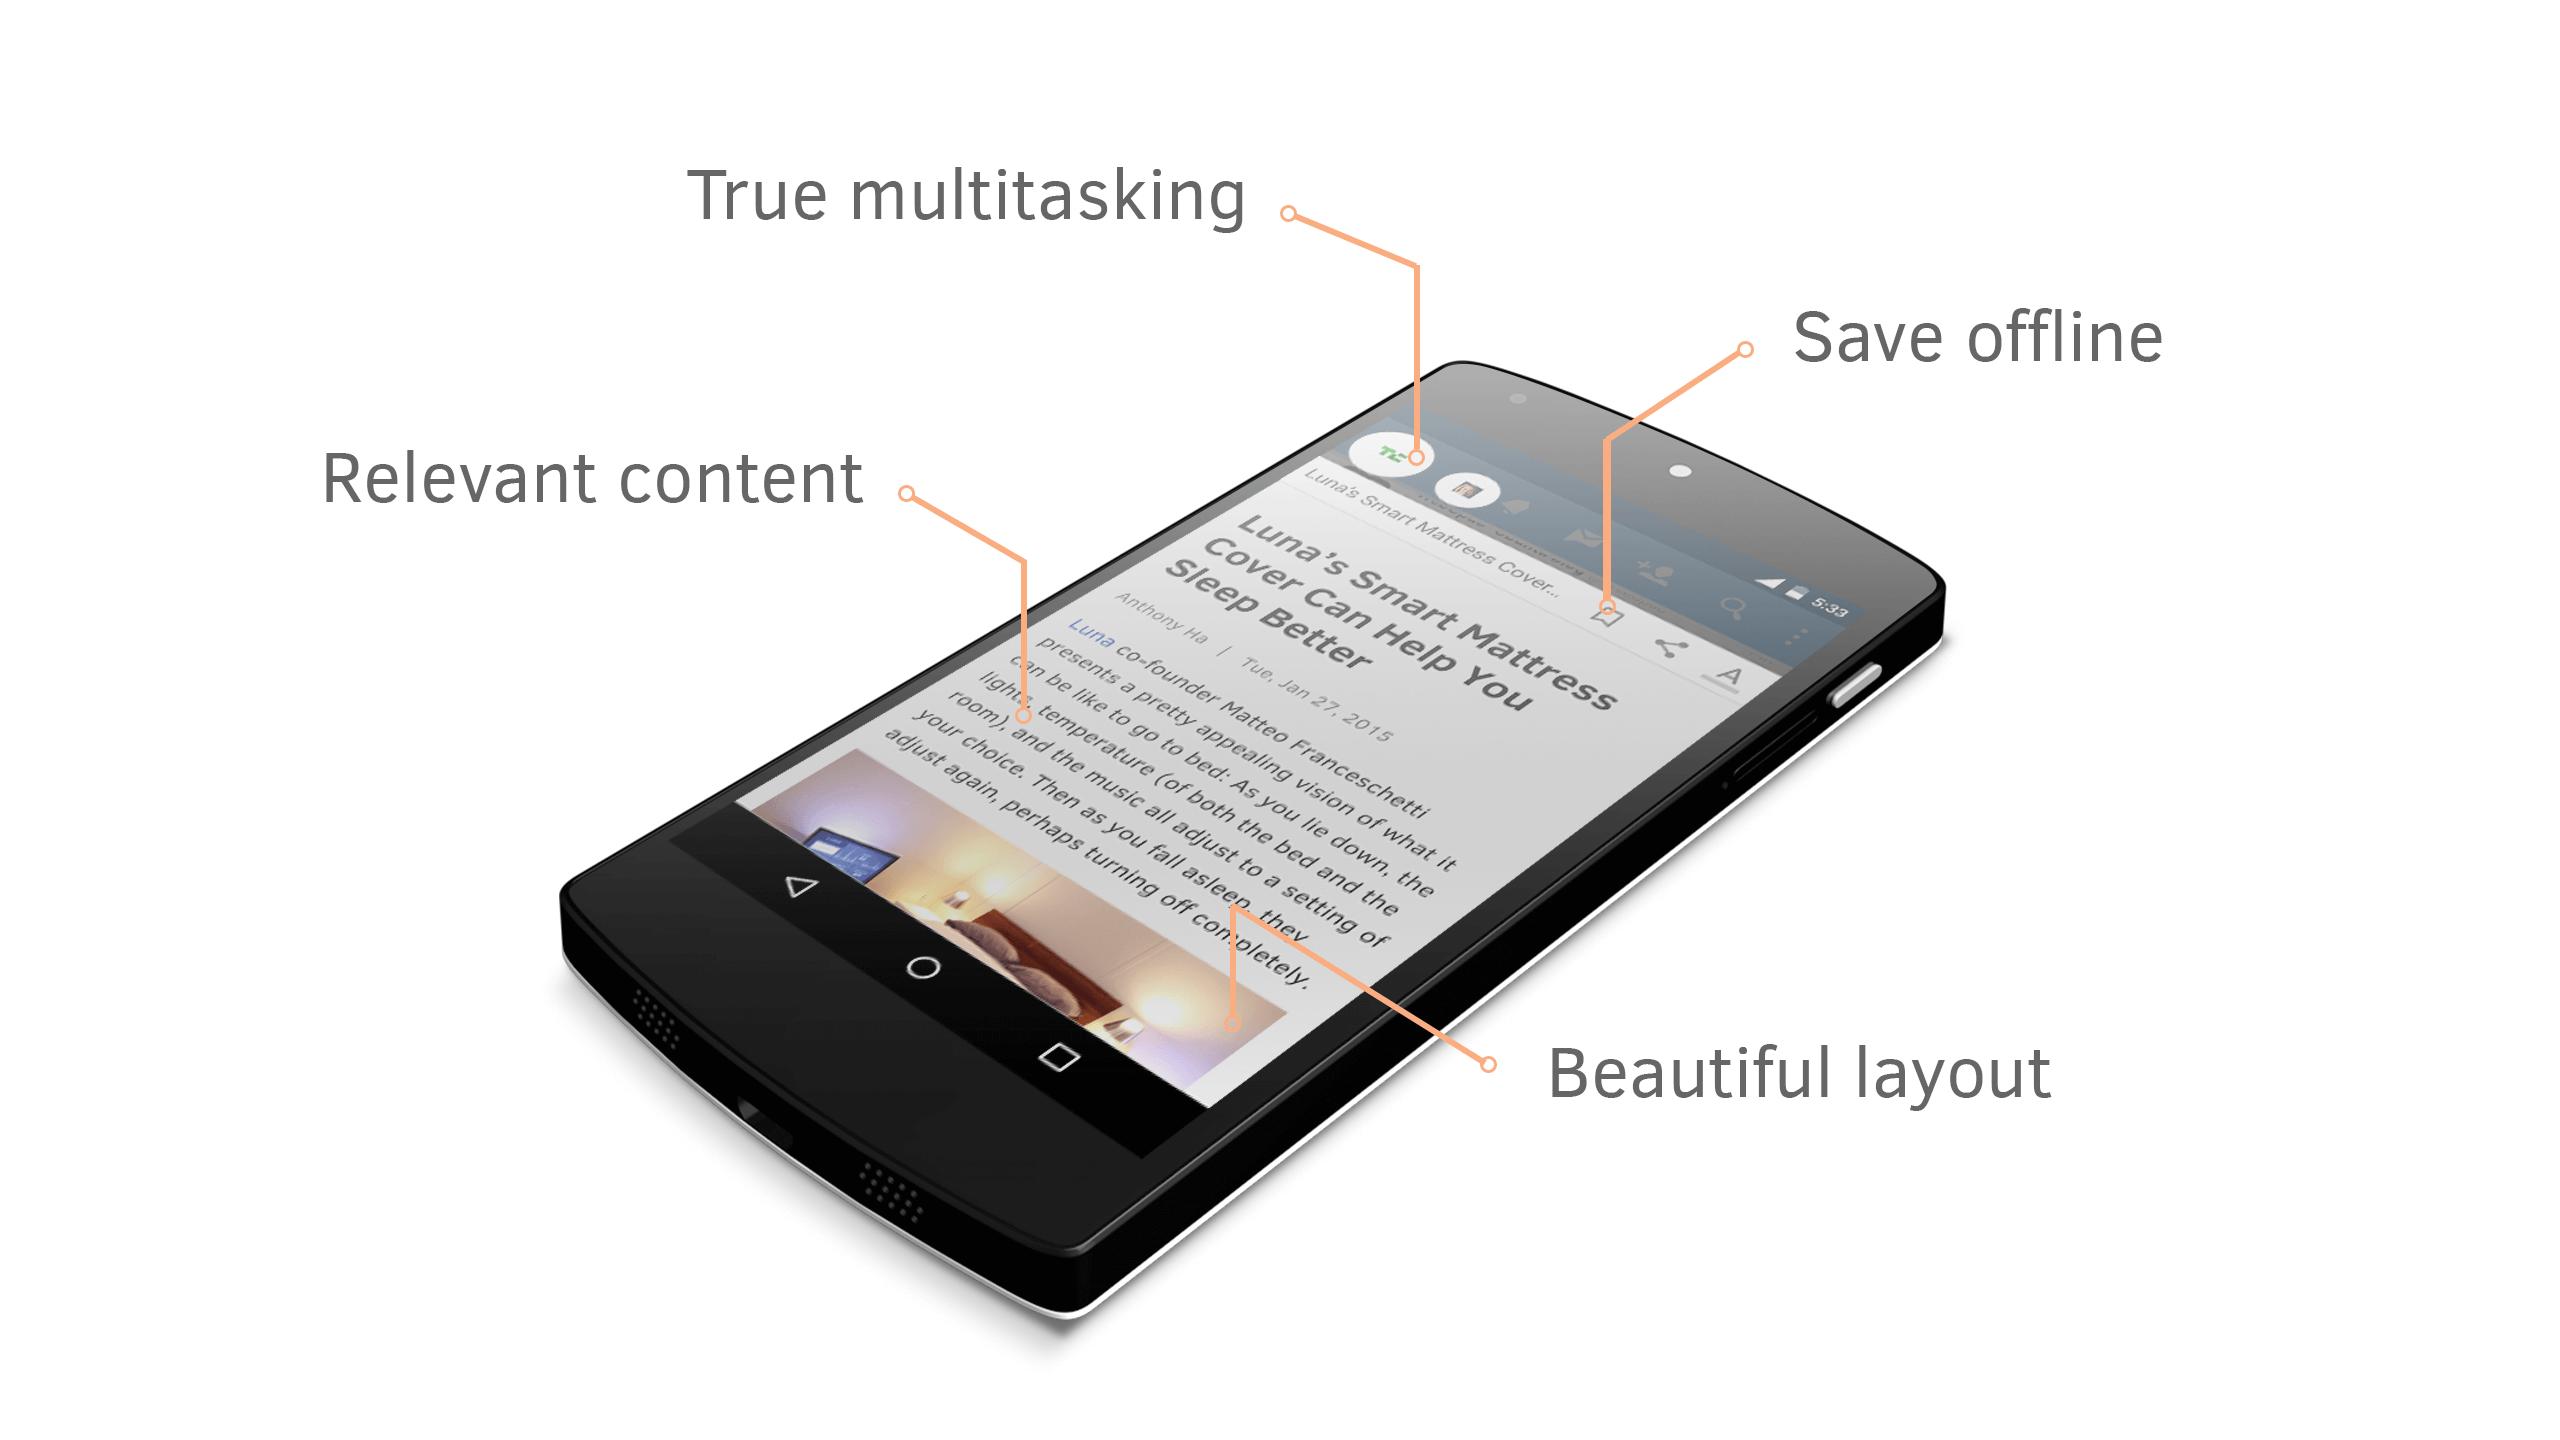 Это приложение изменит то, как мы используем смартфоны